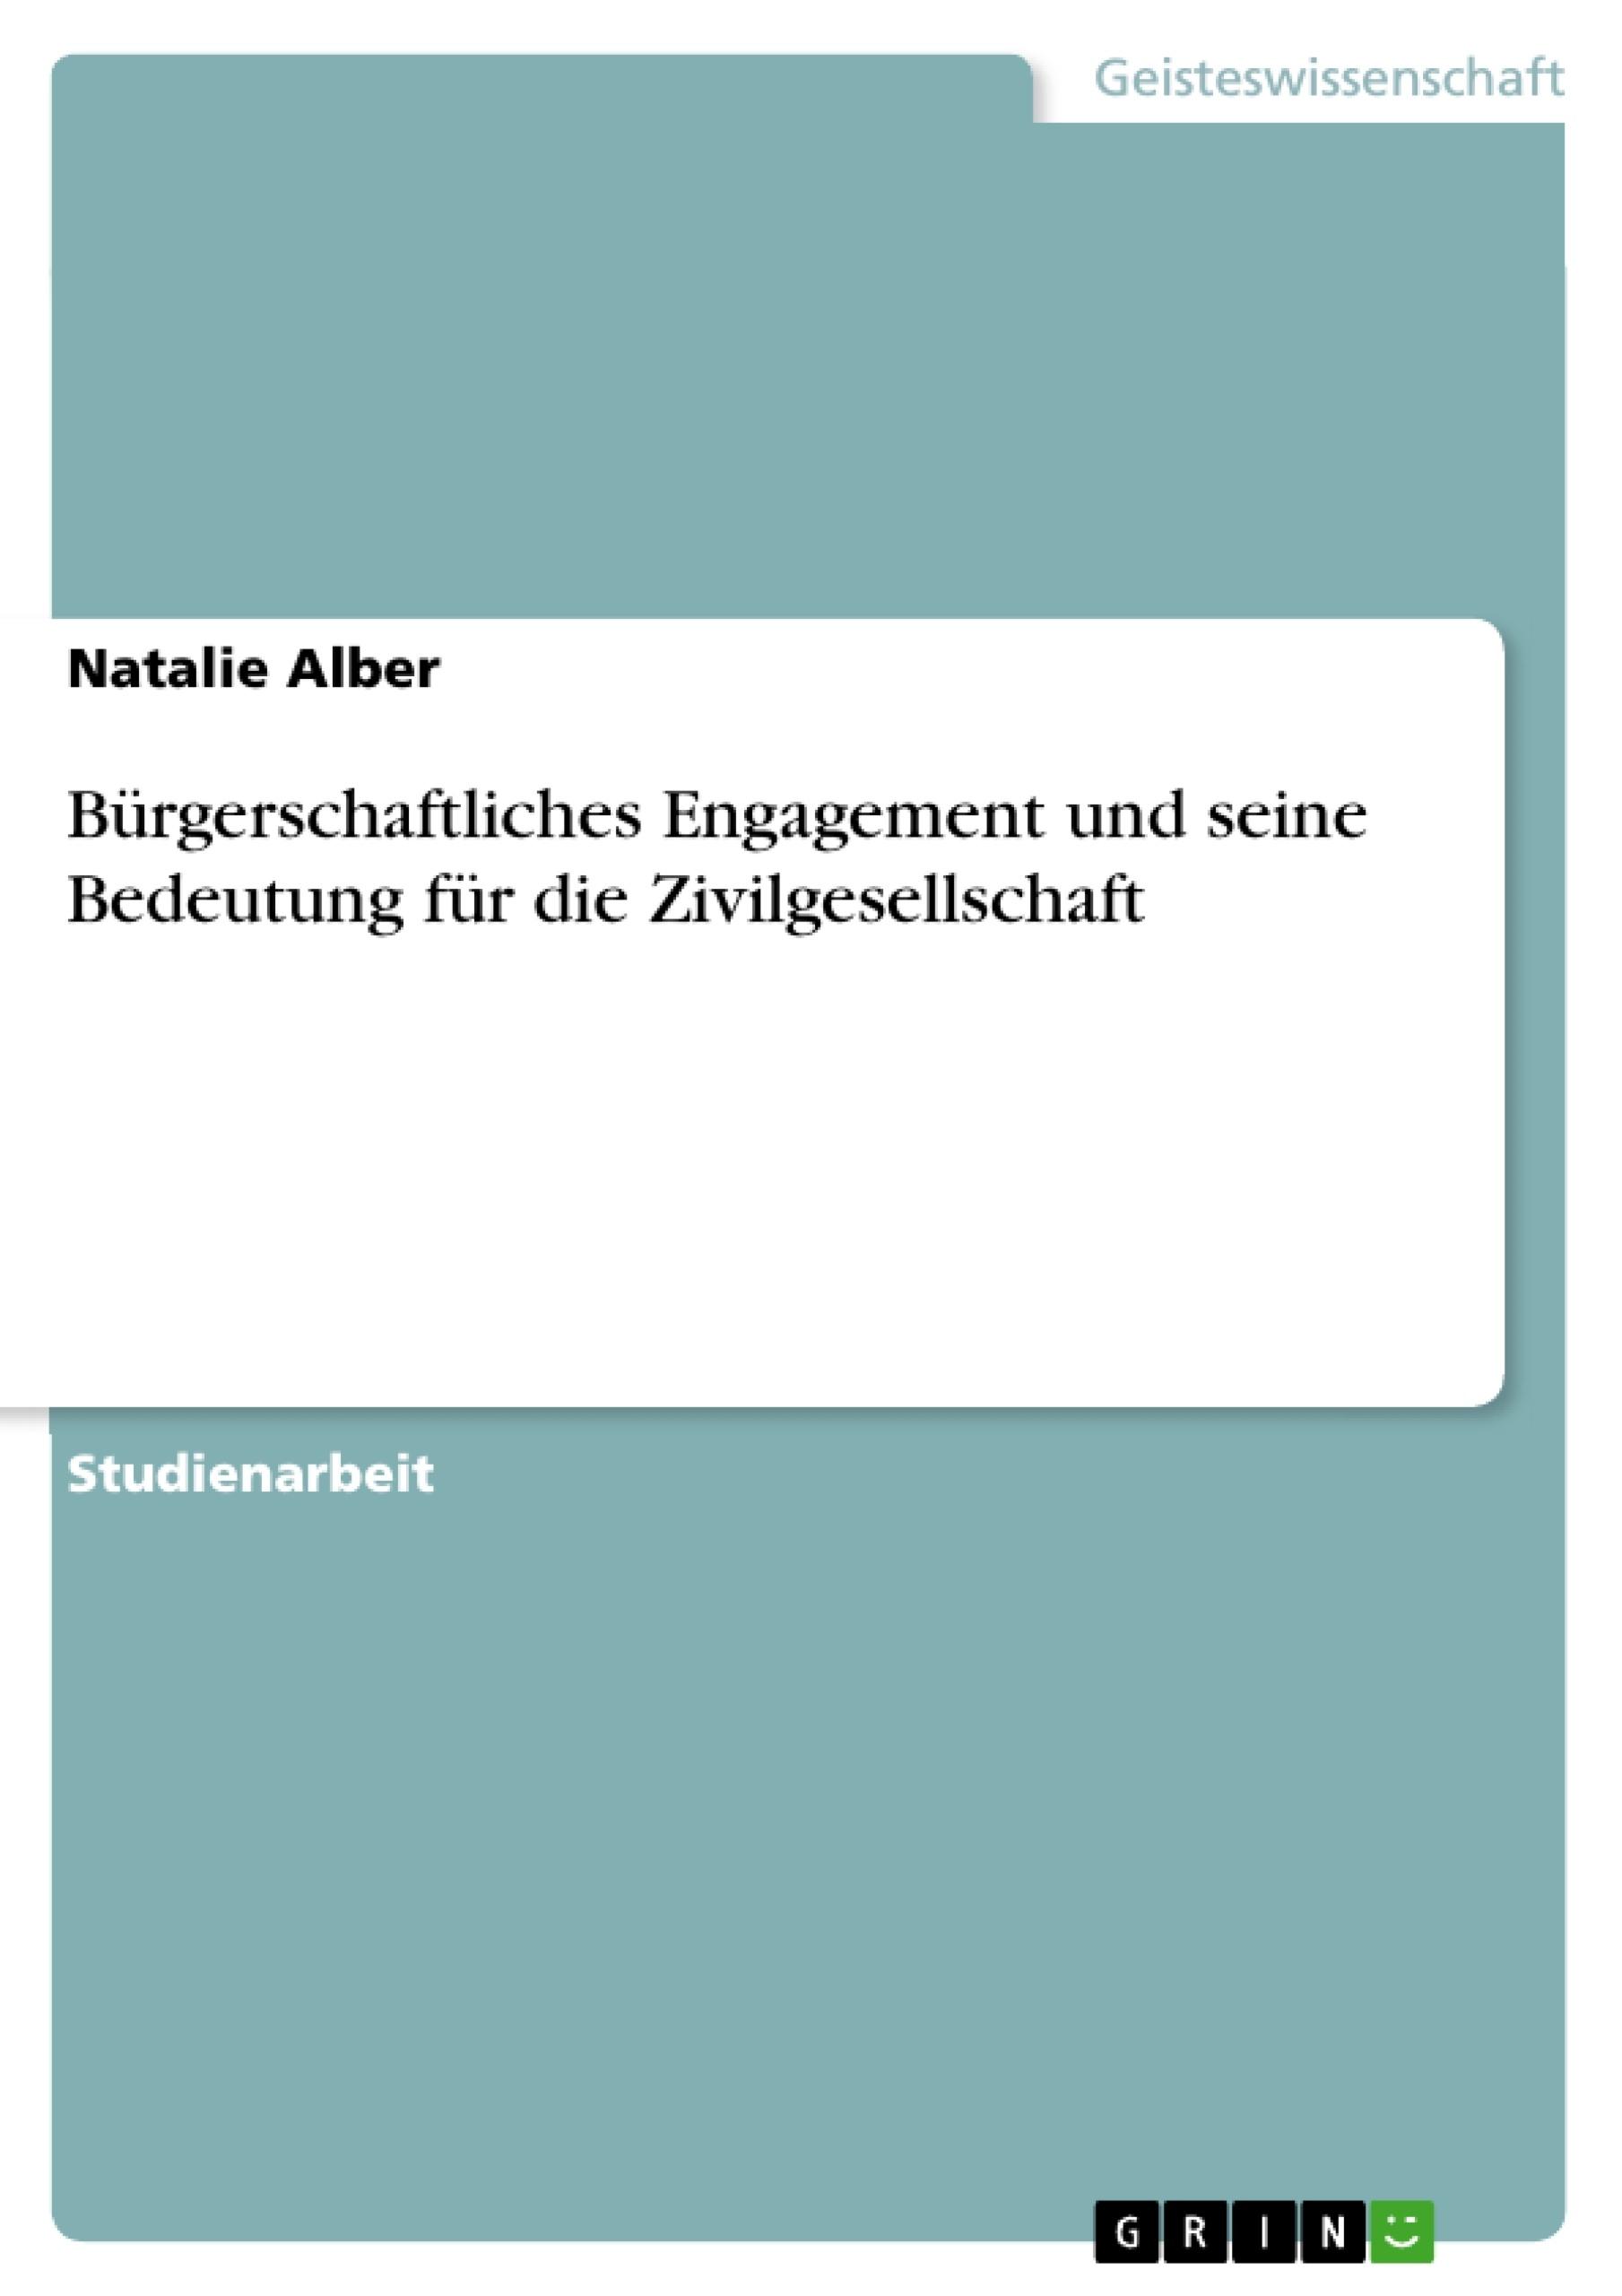 Titel: Bürgerschaftliches Engagement und seine Bedeutung für die Zivilgesellschaft